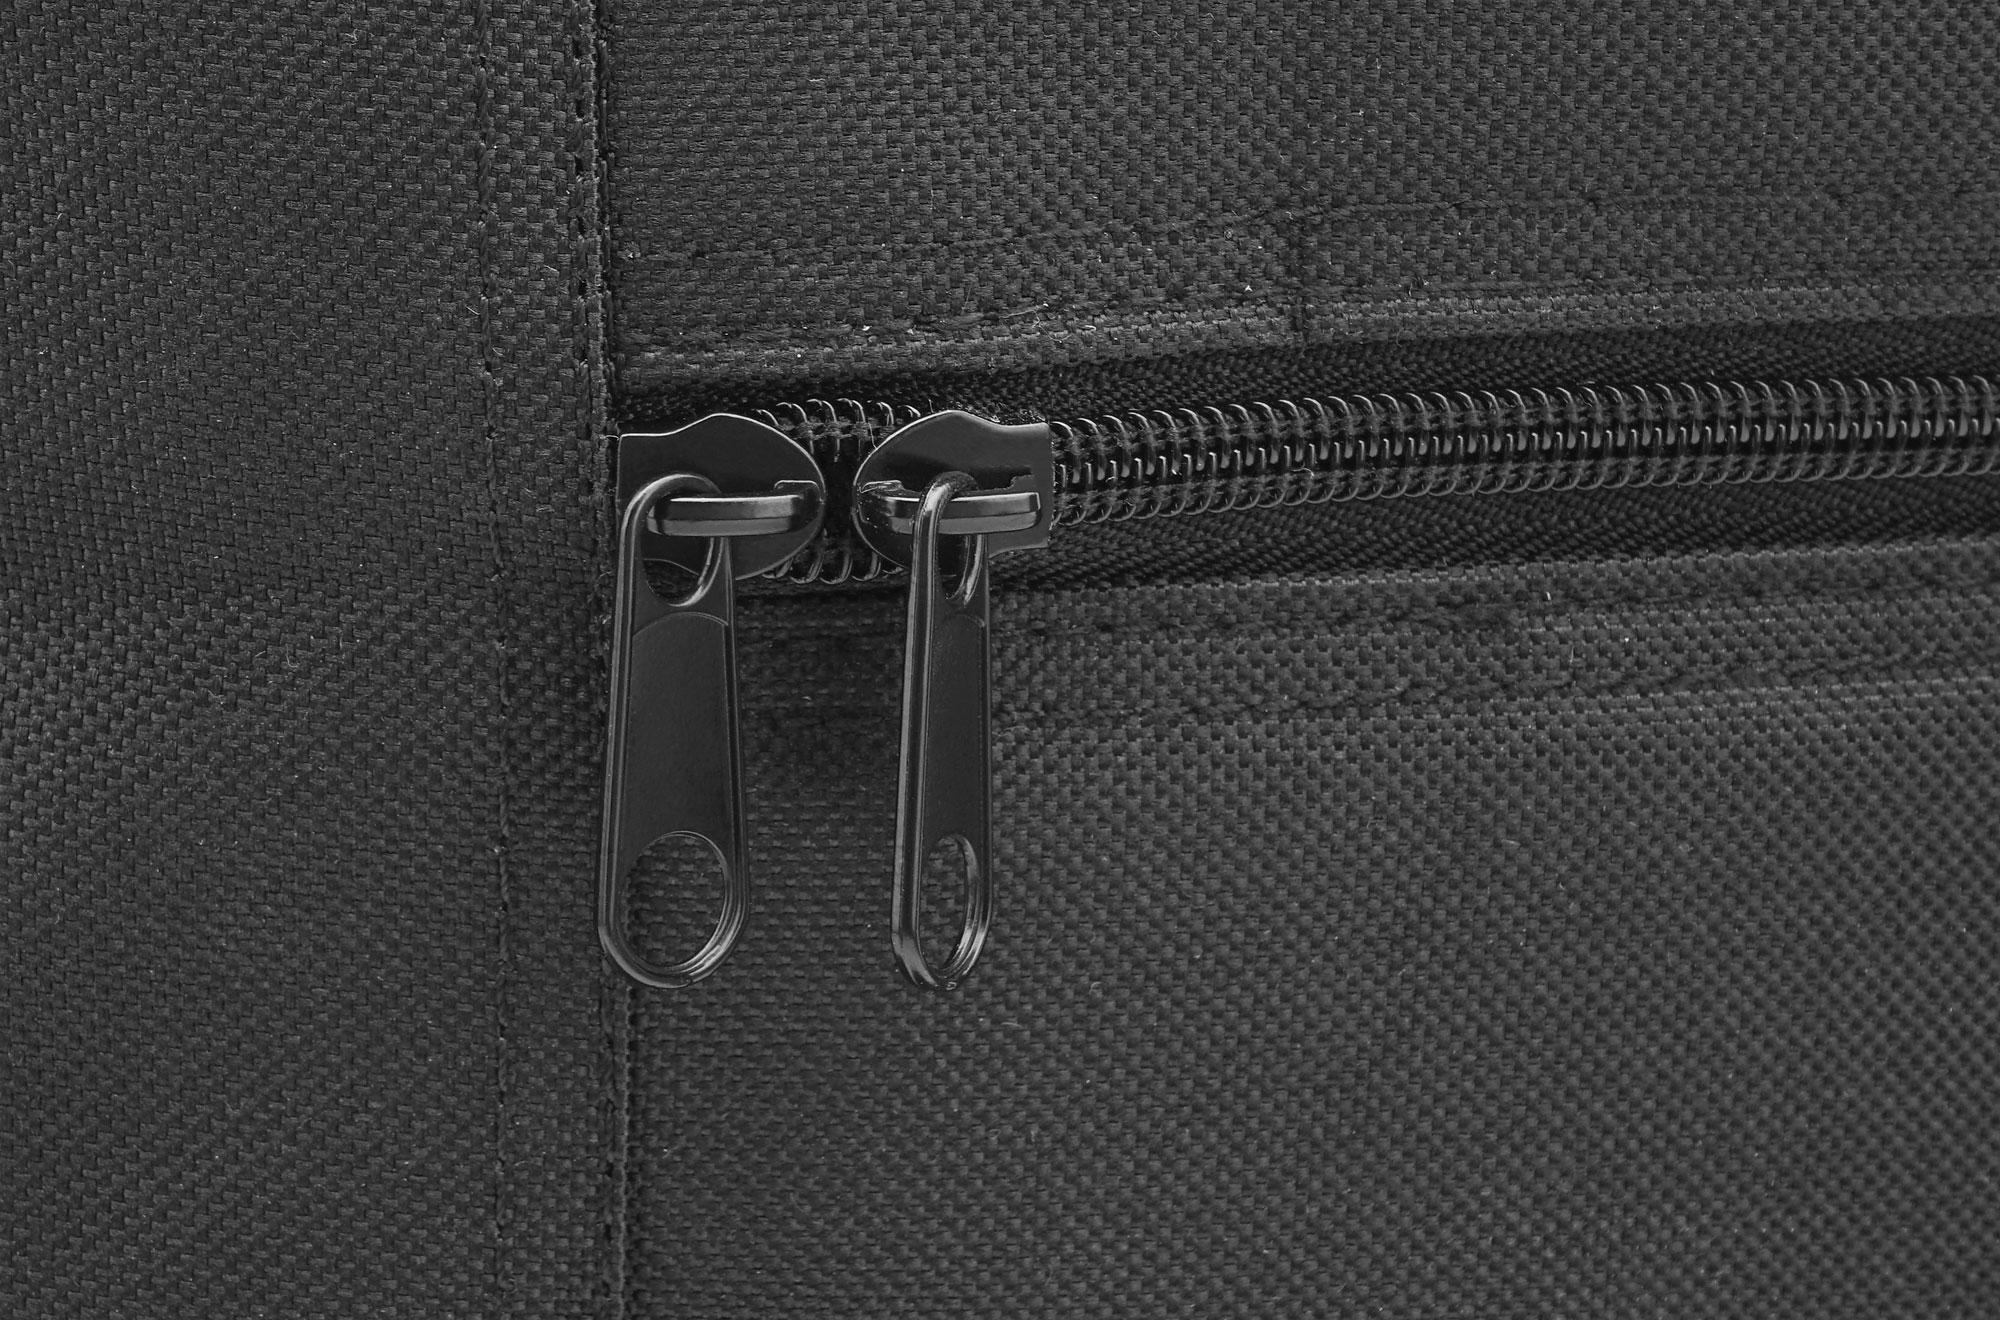 Lvcky C-Clips pour Anneaux Shop Assortiment de 300/pi/èces Type C Rondelles circlips Joints Ensemble de Bouchon de vidange dhuile d/évacuation Conservant Bague avec bo/îte 18/Tailles 3 32/mm